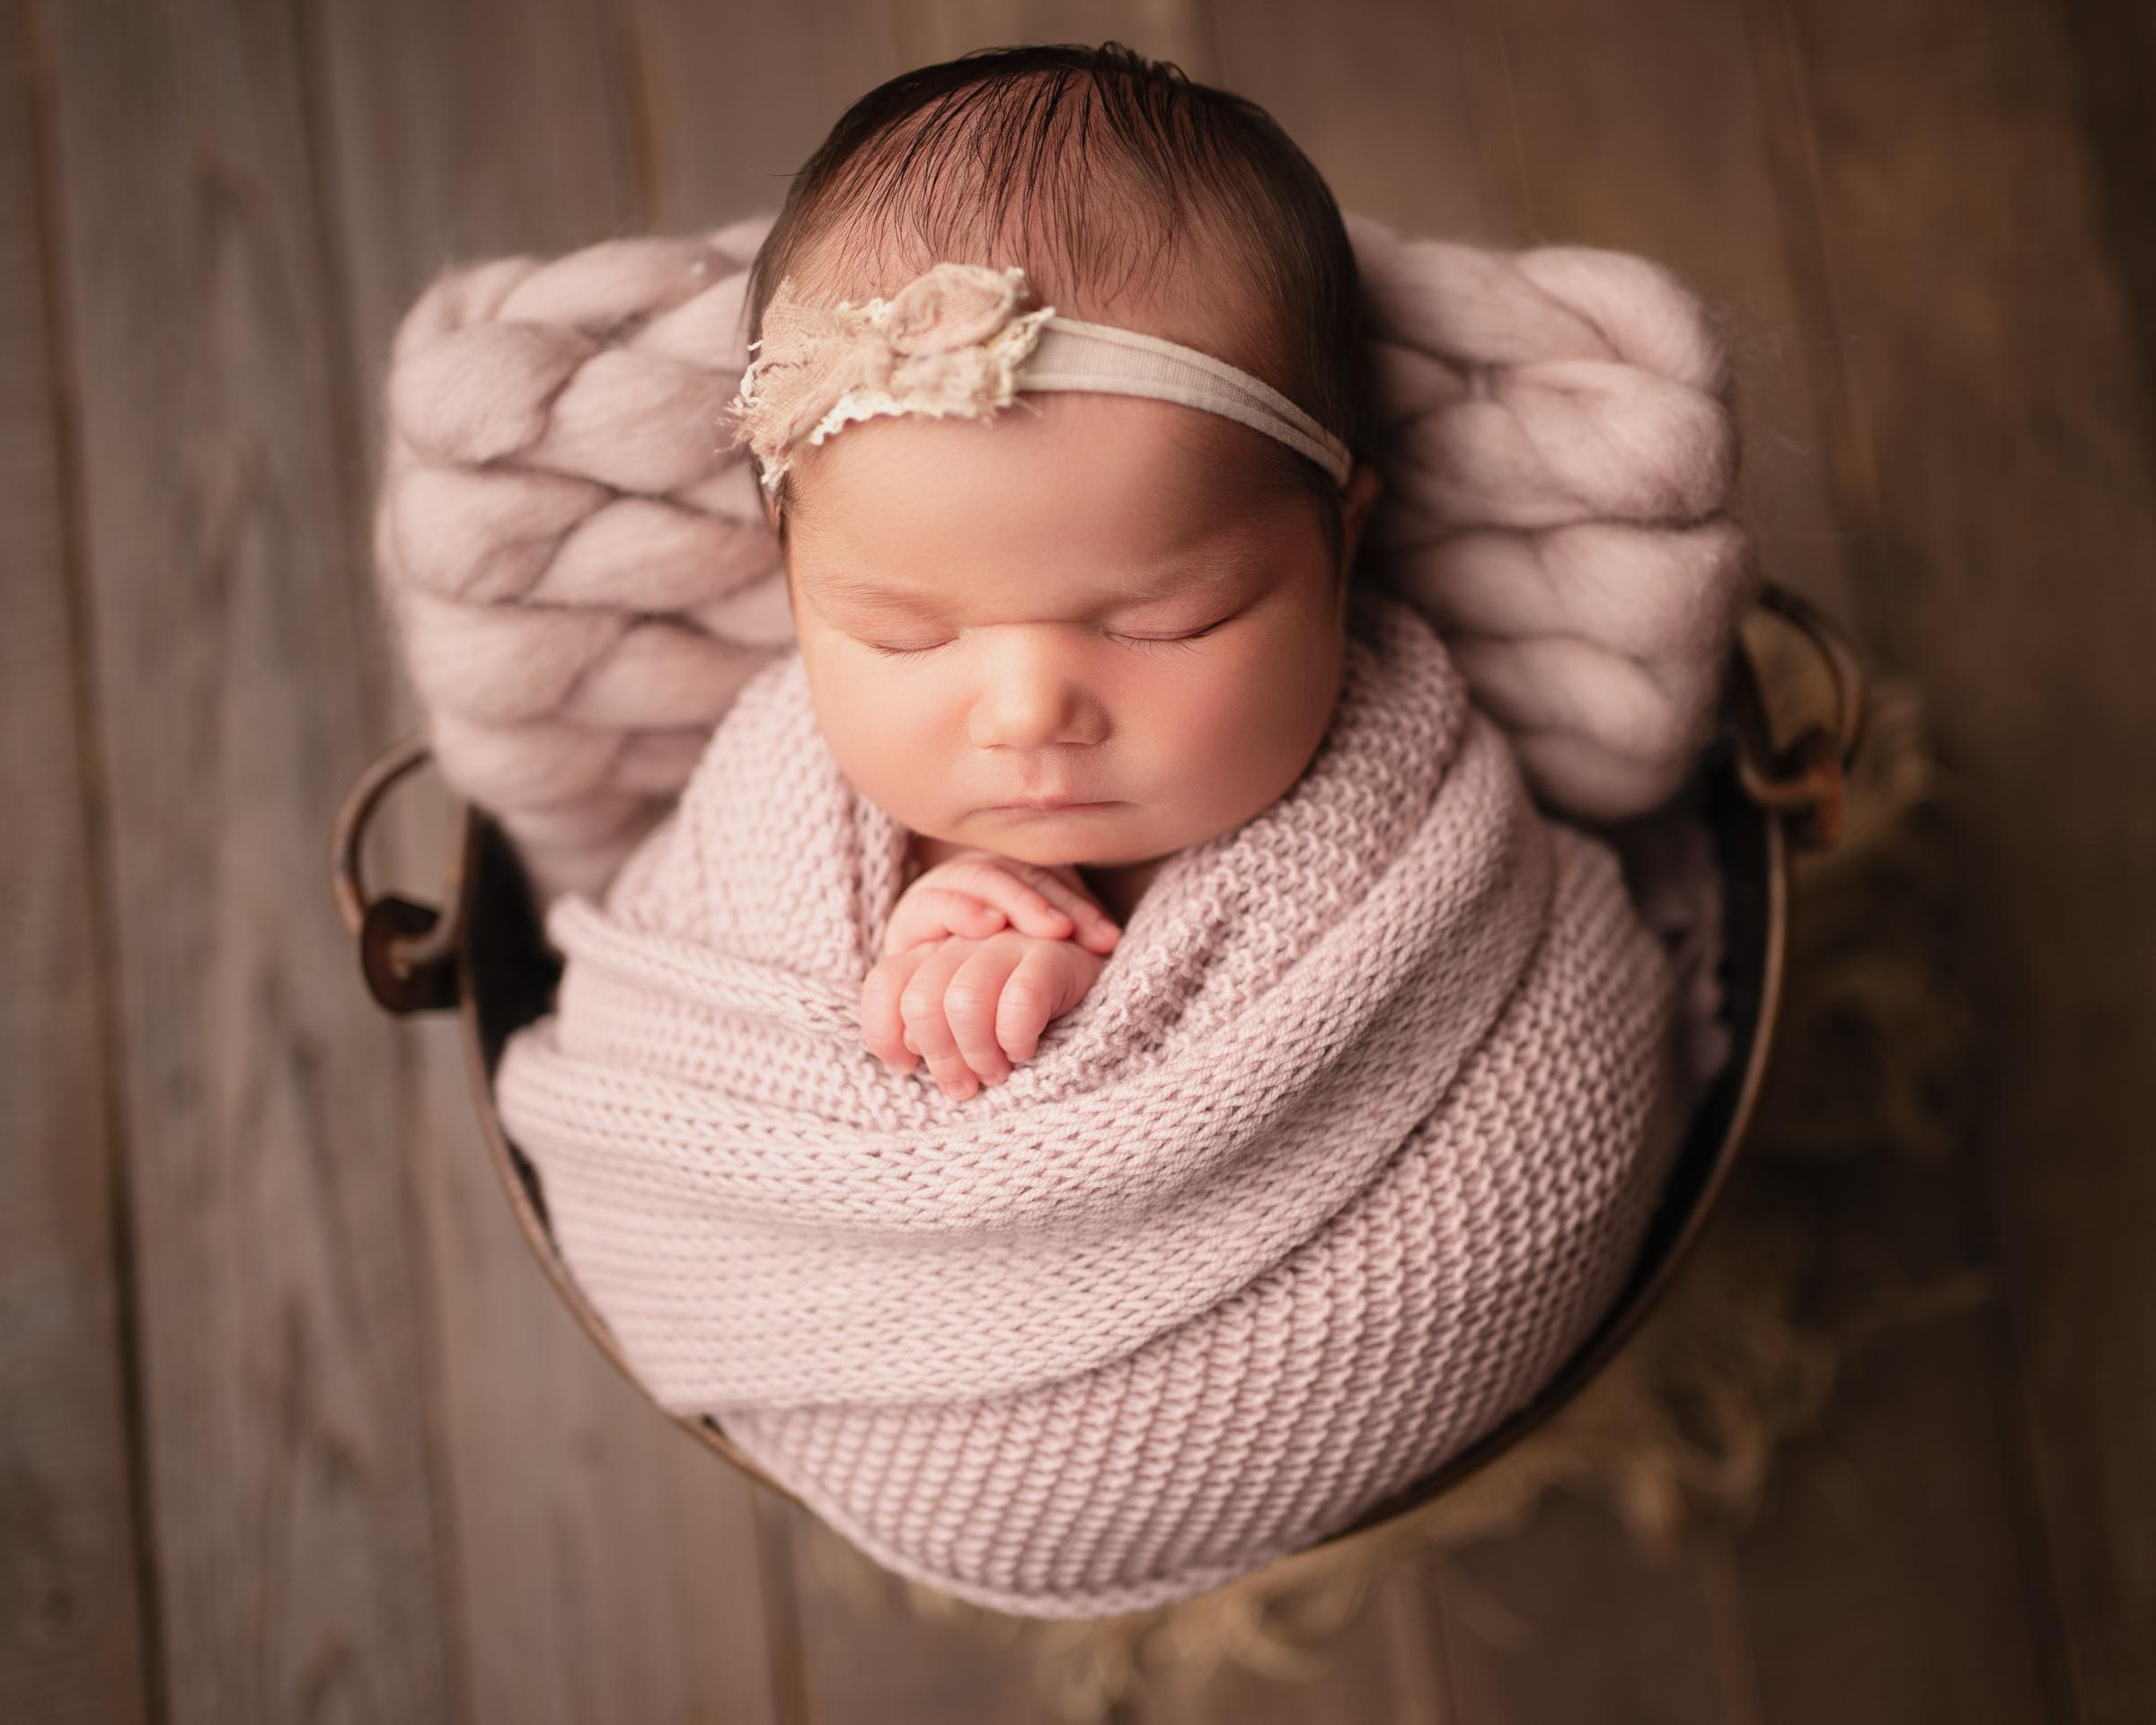 raleigh newborn photographer - baby helena 6